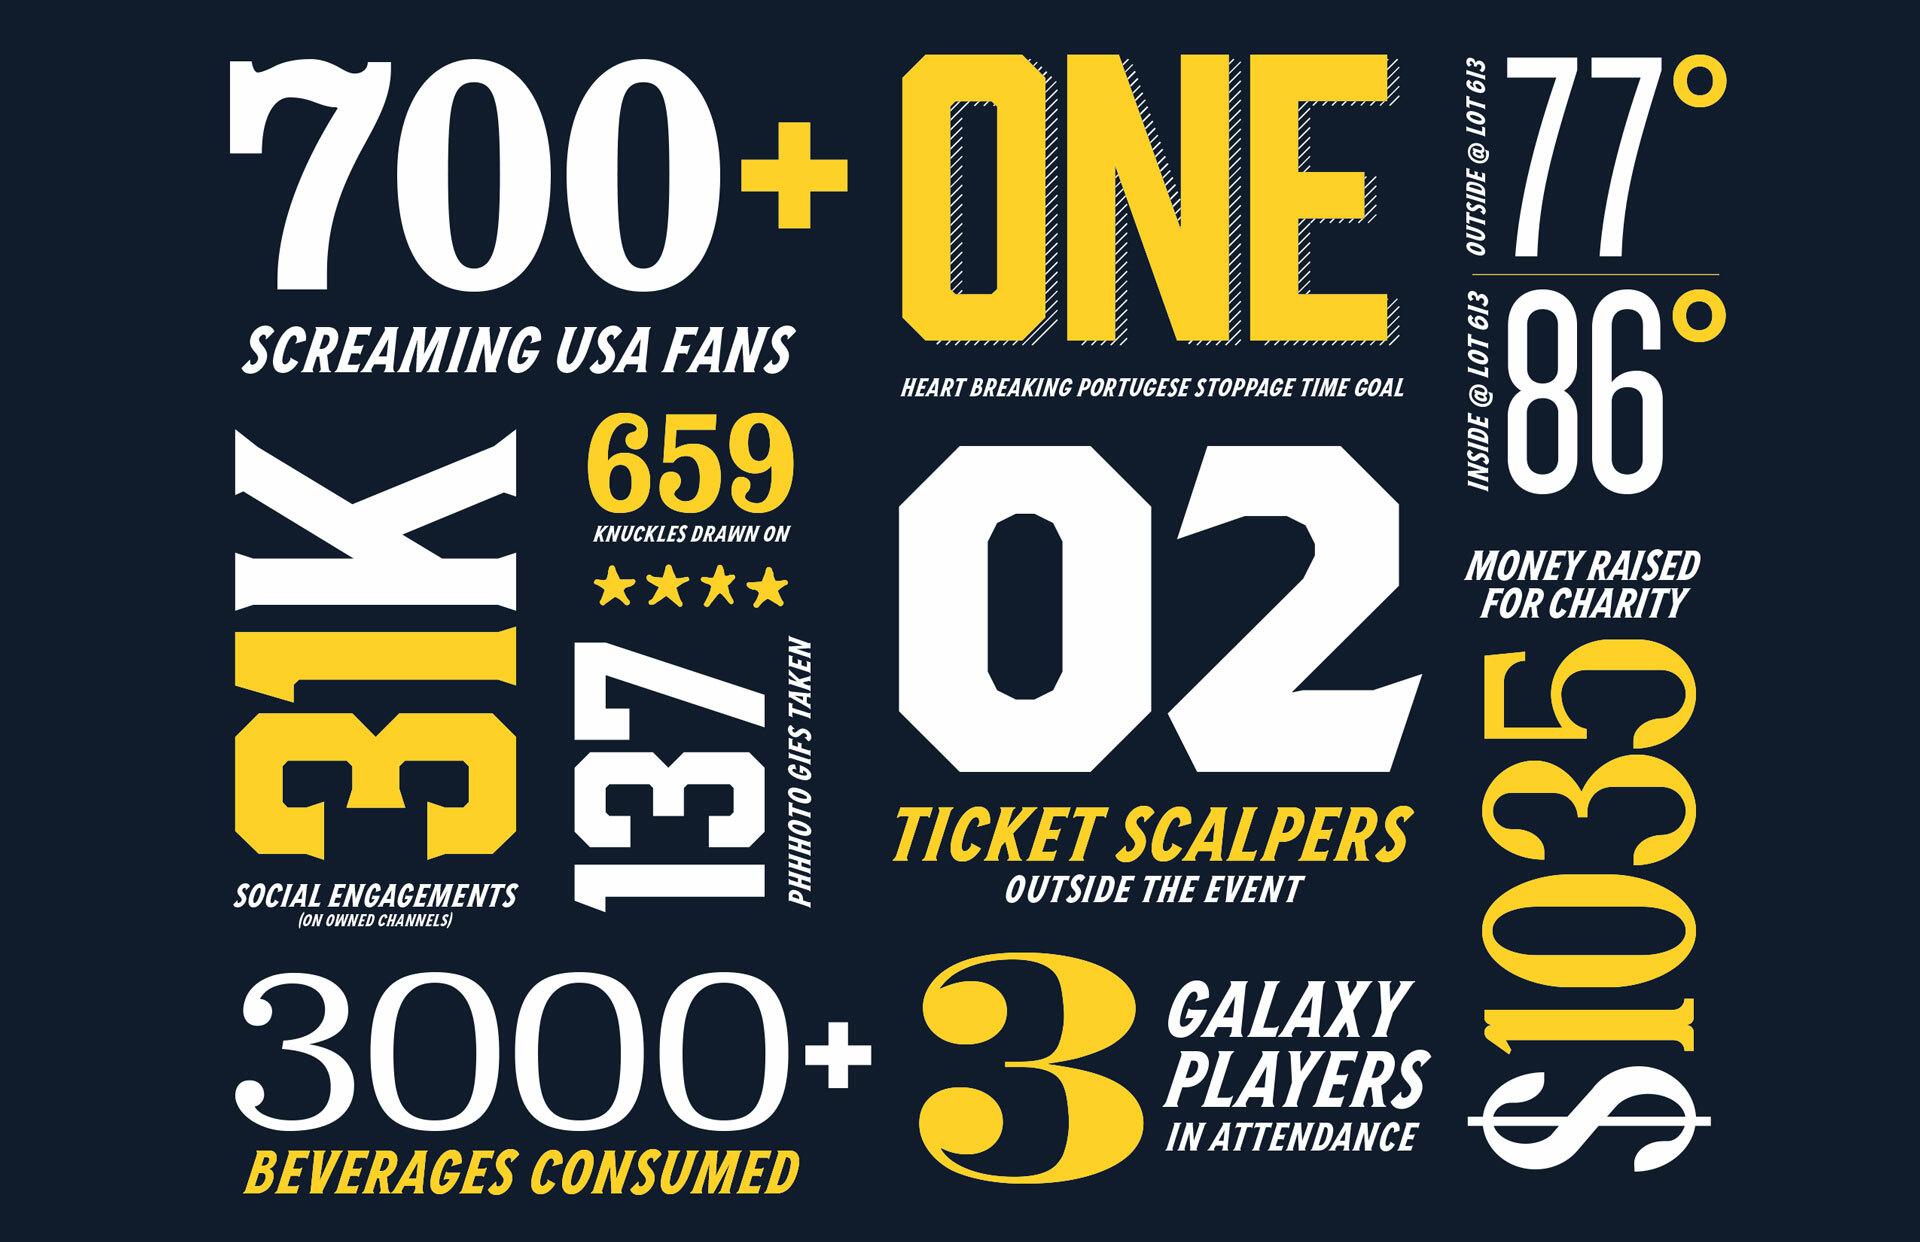 La Galaxy stats